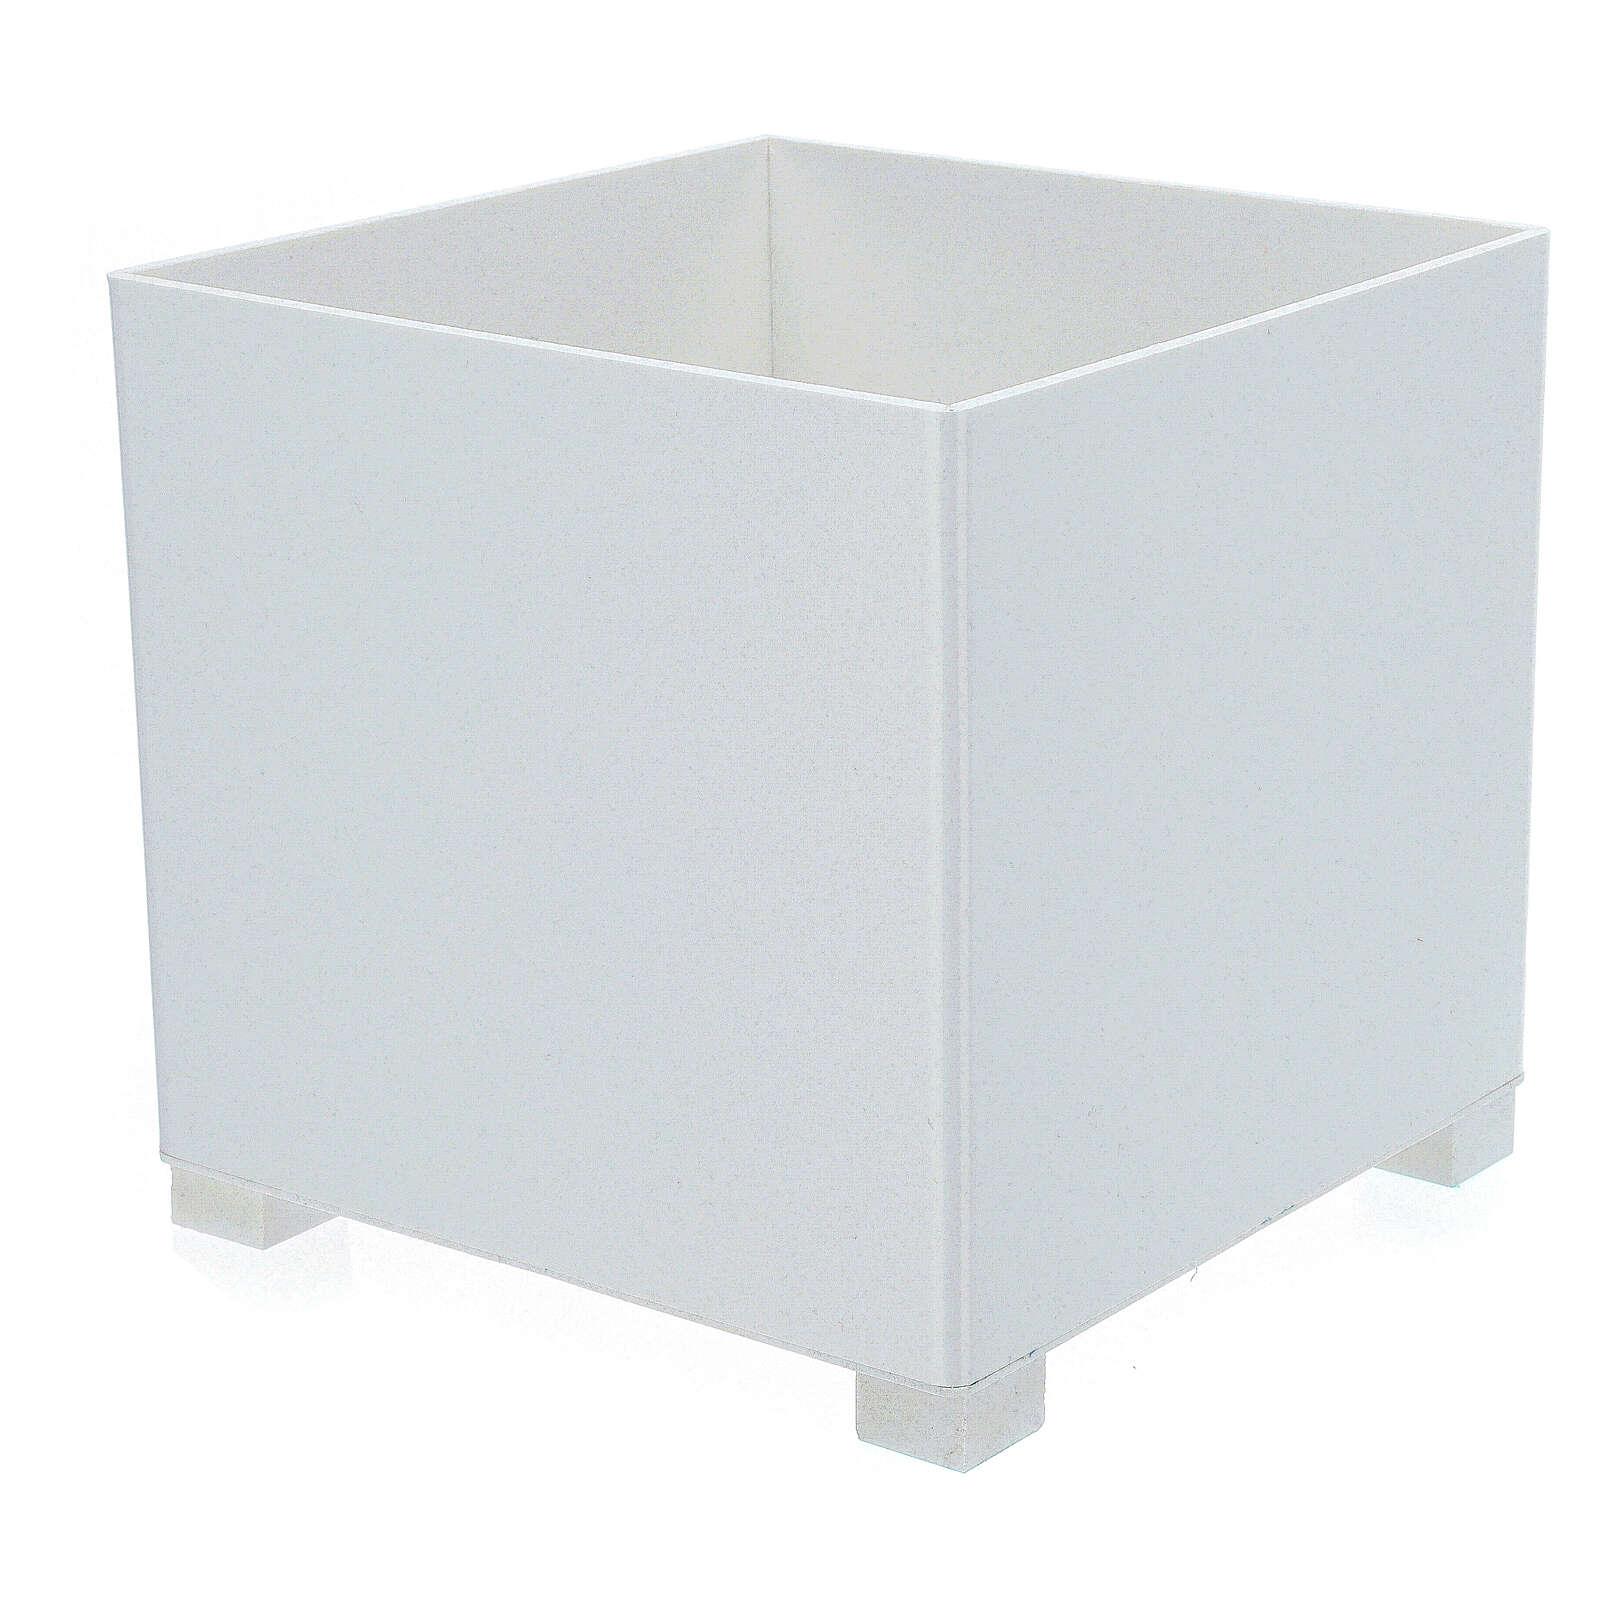 Waste bin for gloves in forex for dispenser PF000003 3